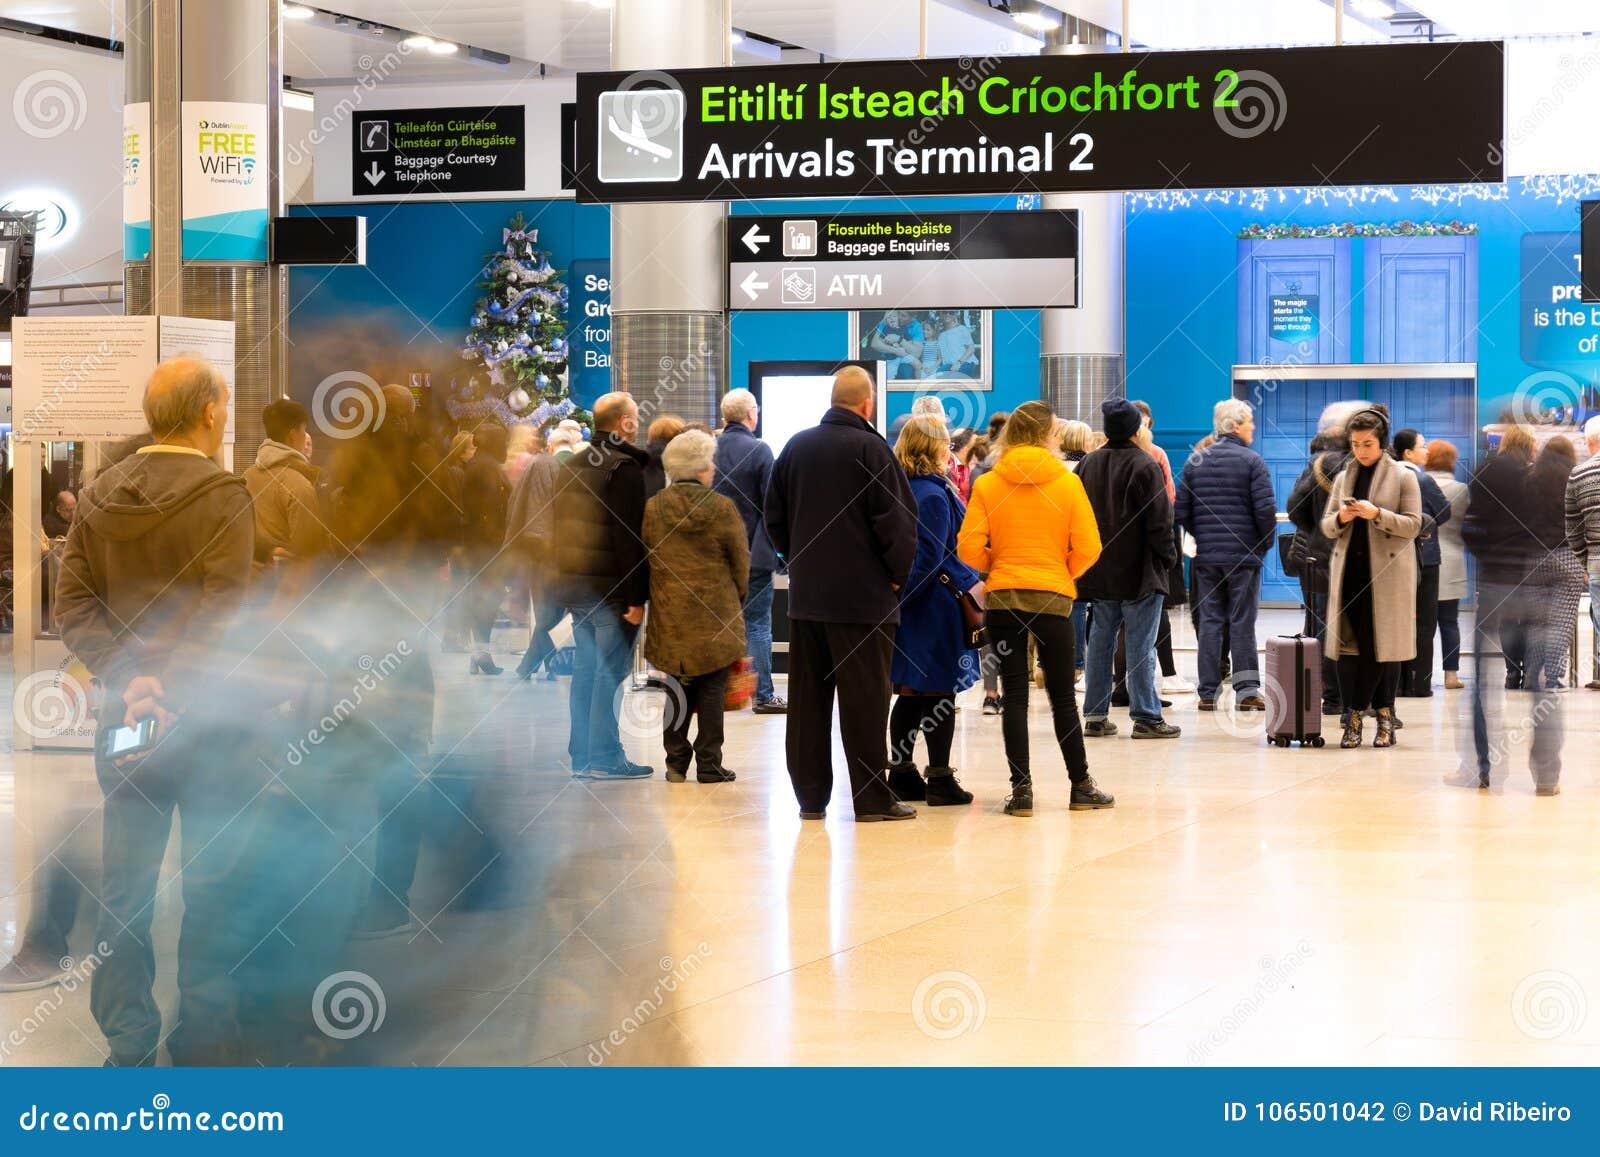 星期五, 2017年12月22日,都伯林爱尔兰-终端2到来的人们